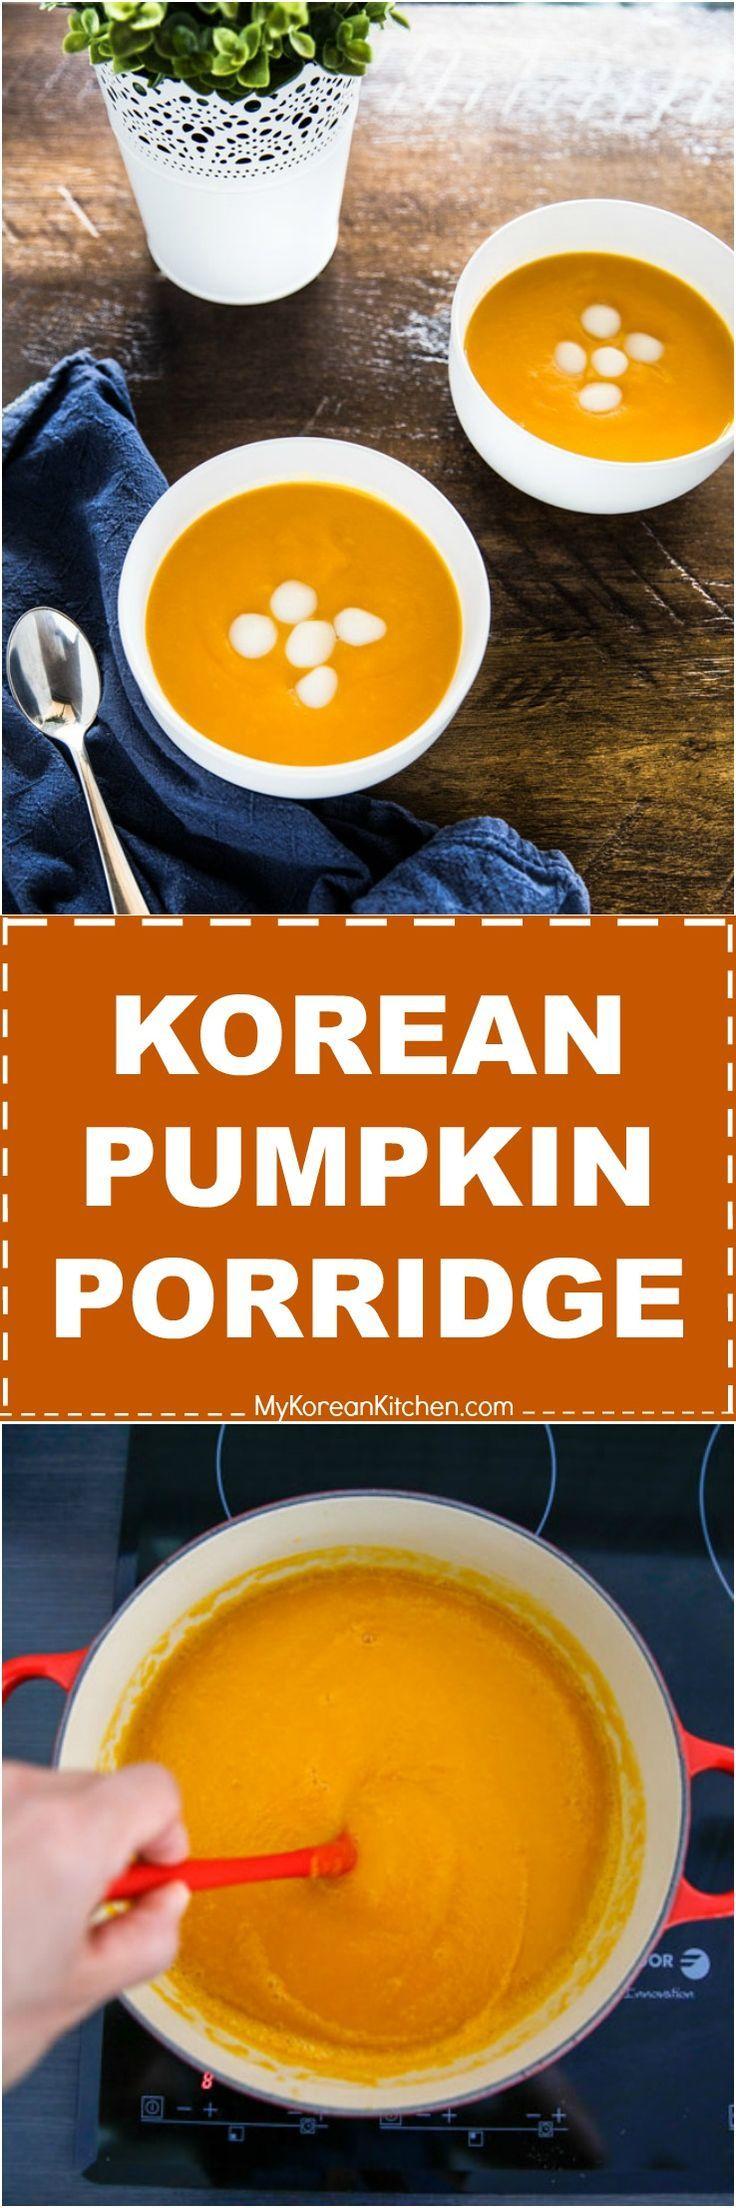 How to Make Korean Pumpkin Porridge (Hobakjuk) | MyKoreanKitchen.com #pumpkin #kabocha #squash #porridge #koreanfood via @mykoreankitchen